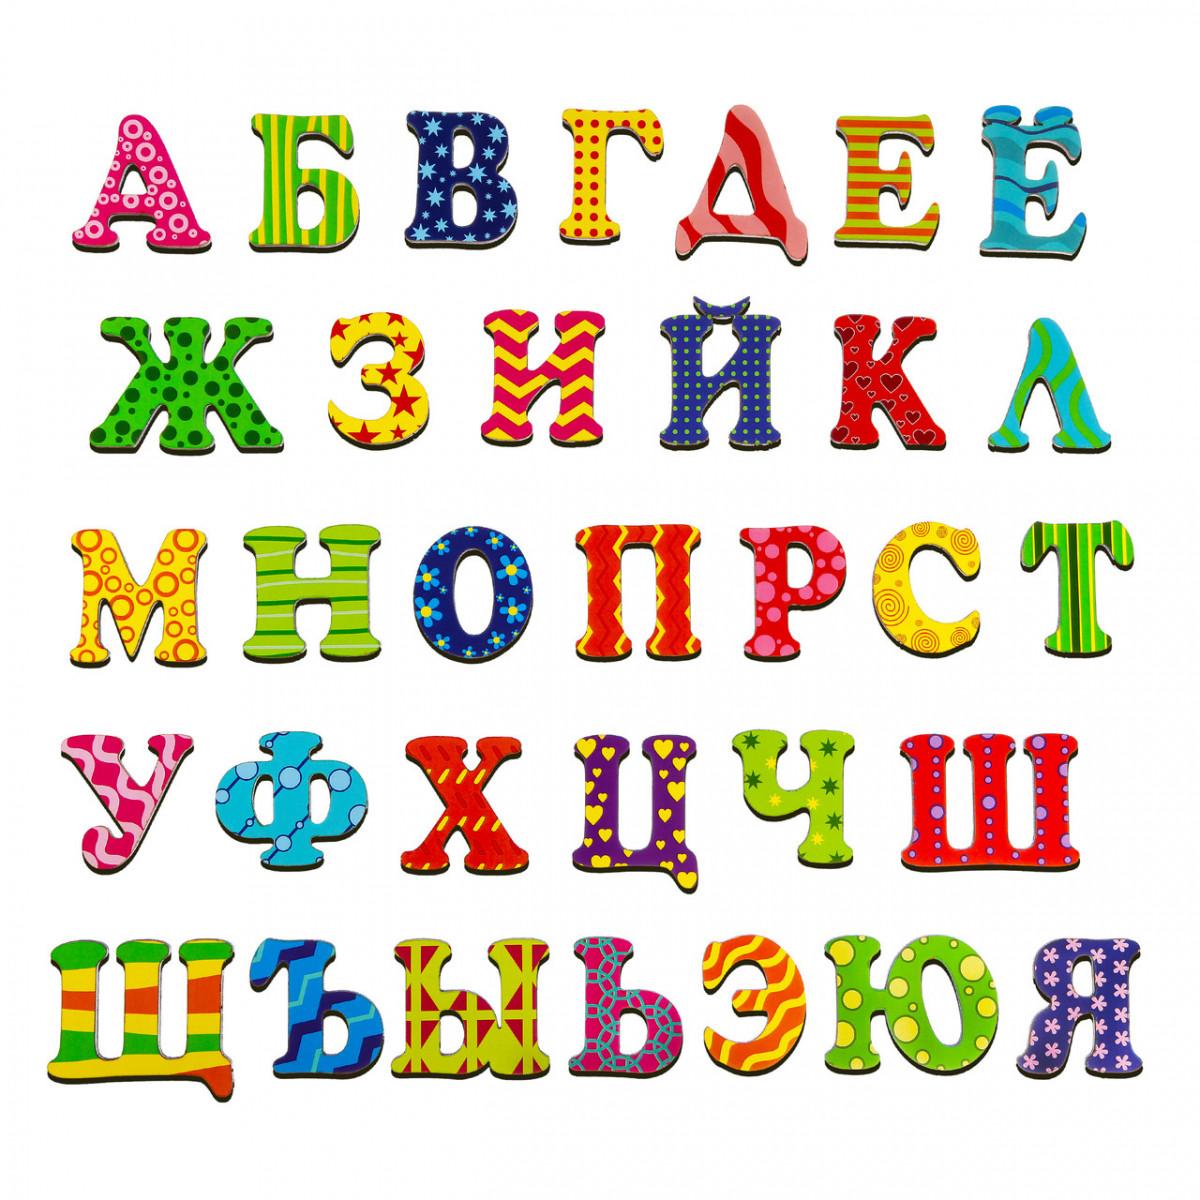 Русская магнитная деревянная азбука, 33 буквы, дерево